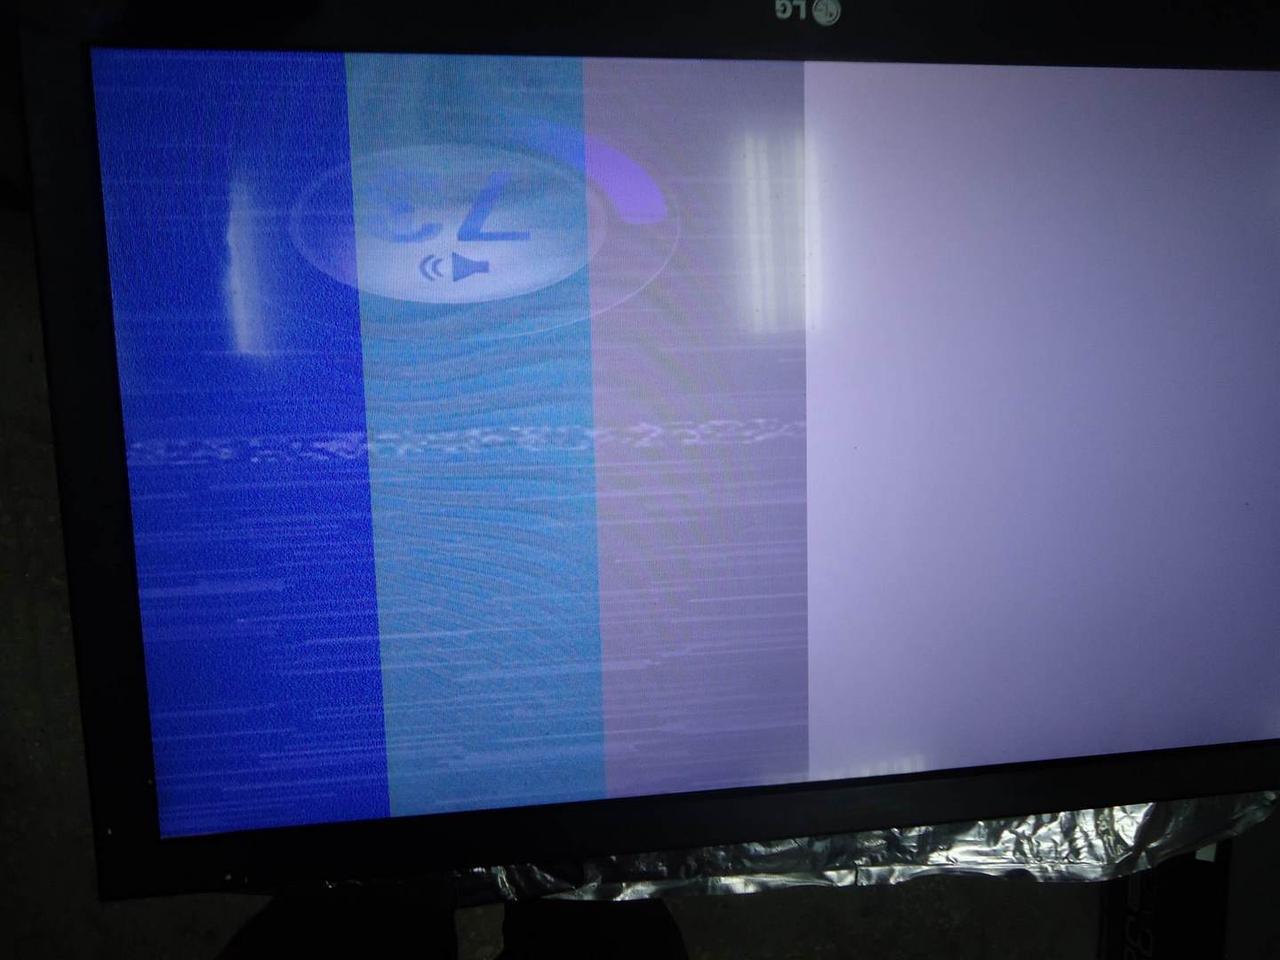 Матриця T315HW07 V. 8 до телевізора LG 32LV375S, LG 32LV3400 під ремонт